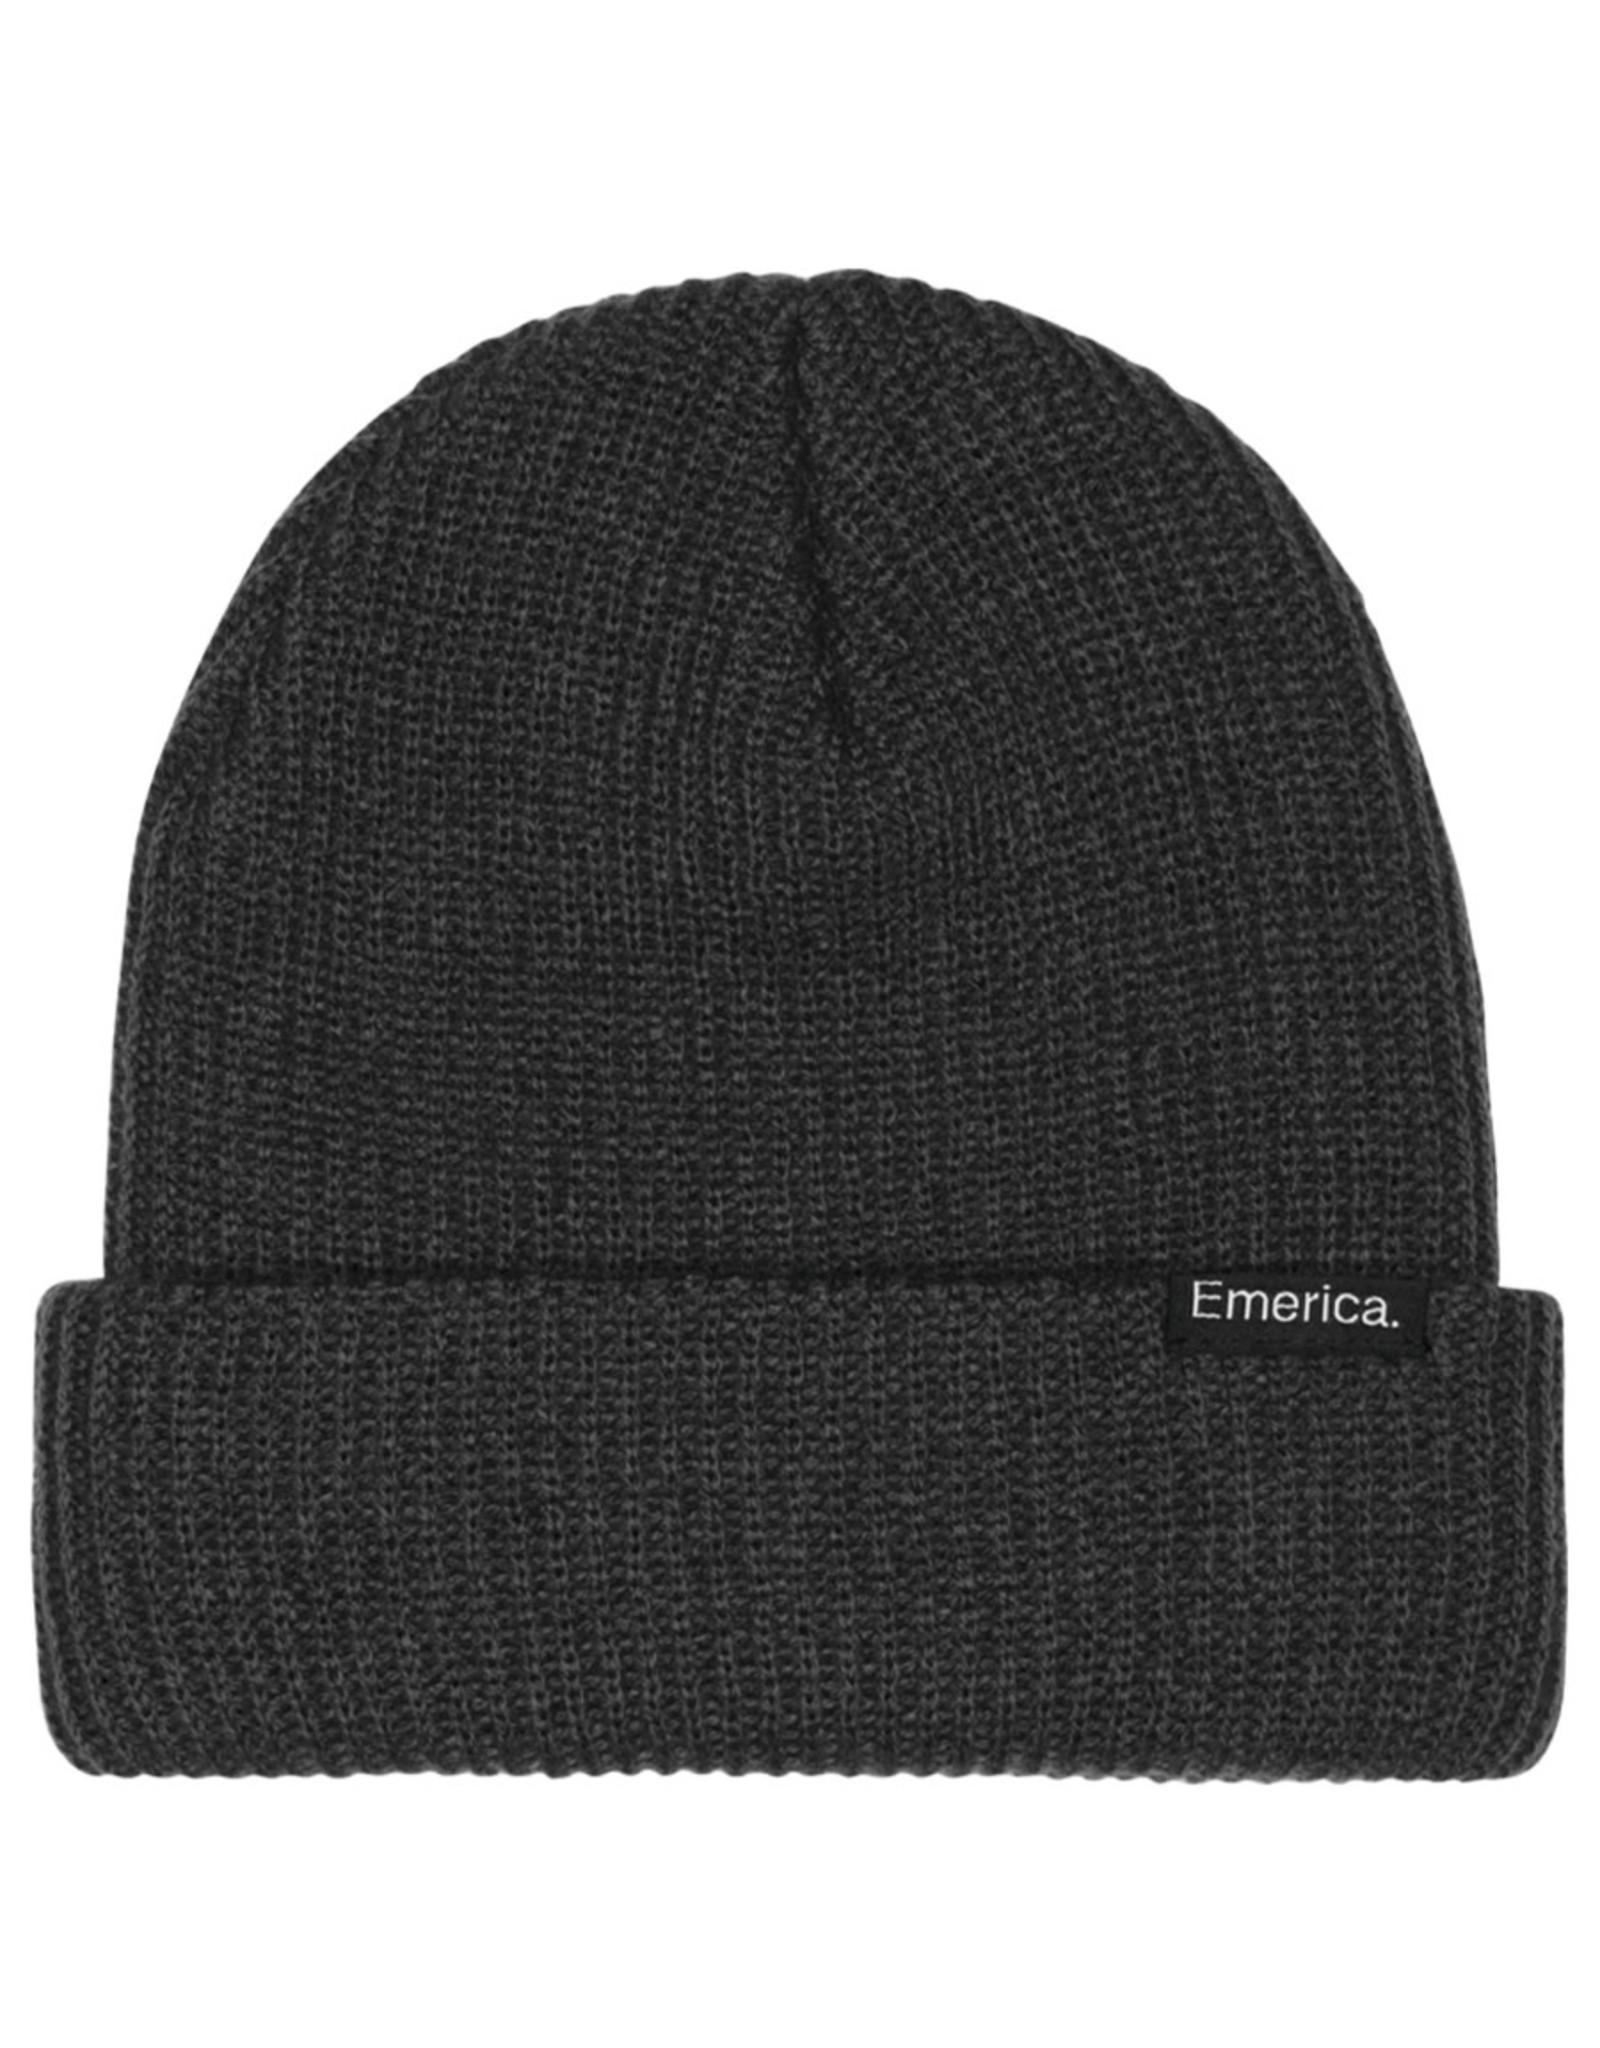 Emerica Emerica Beanie Logo Clamp Cuff (Black)